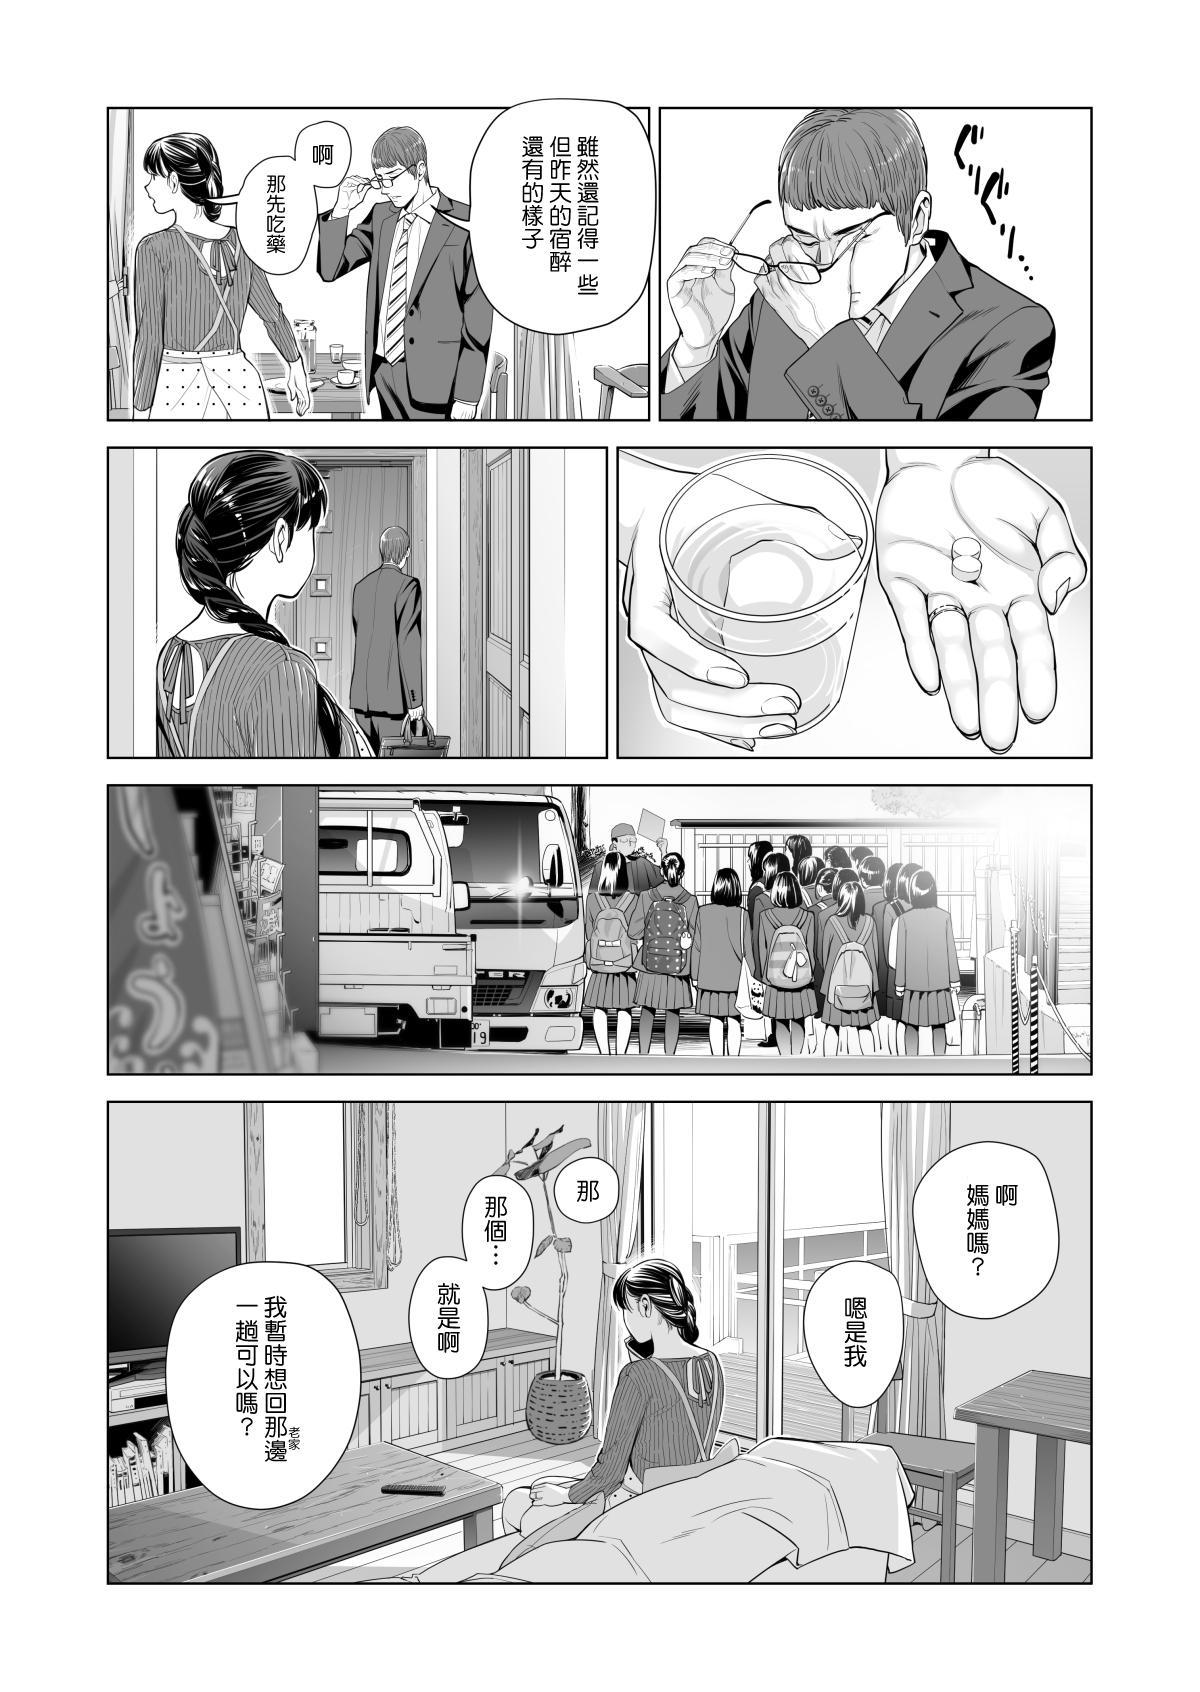 [HGT Lab (Tsusauto)] Tsukiyo no Midare Zake ~Hitozuma wa Yoitsubureta Otto no Soba de Douryou ni Netorareru~ Kouhen (CHINESE) 7